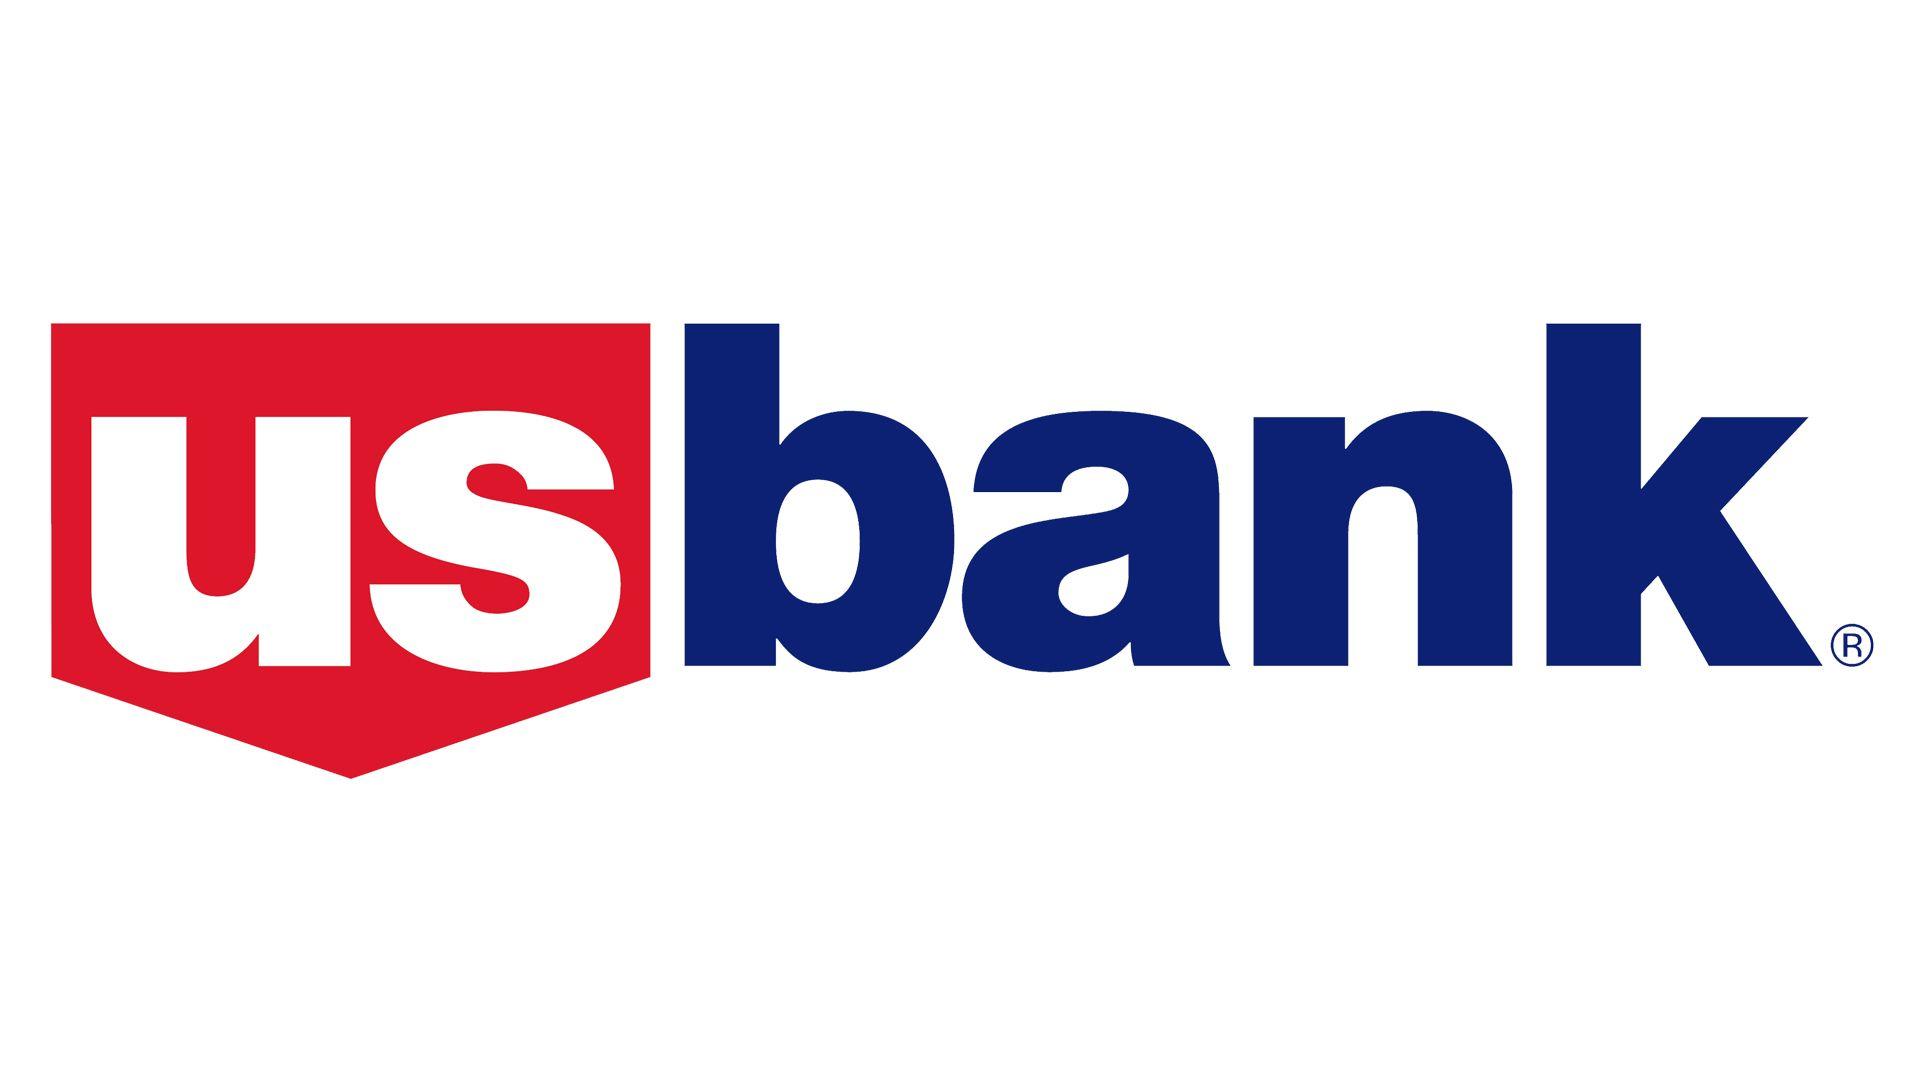 U.S.-Bank